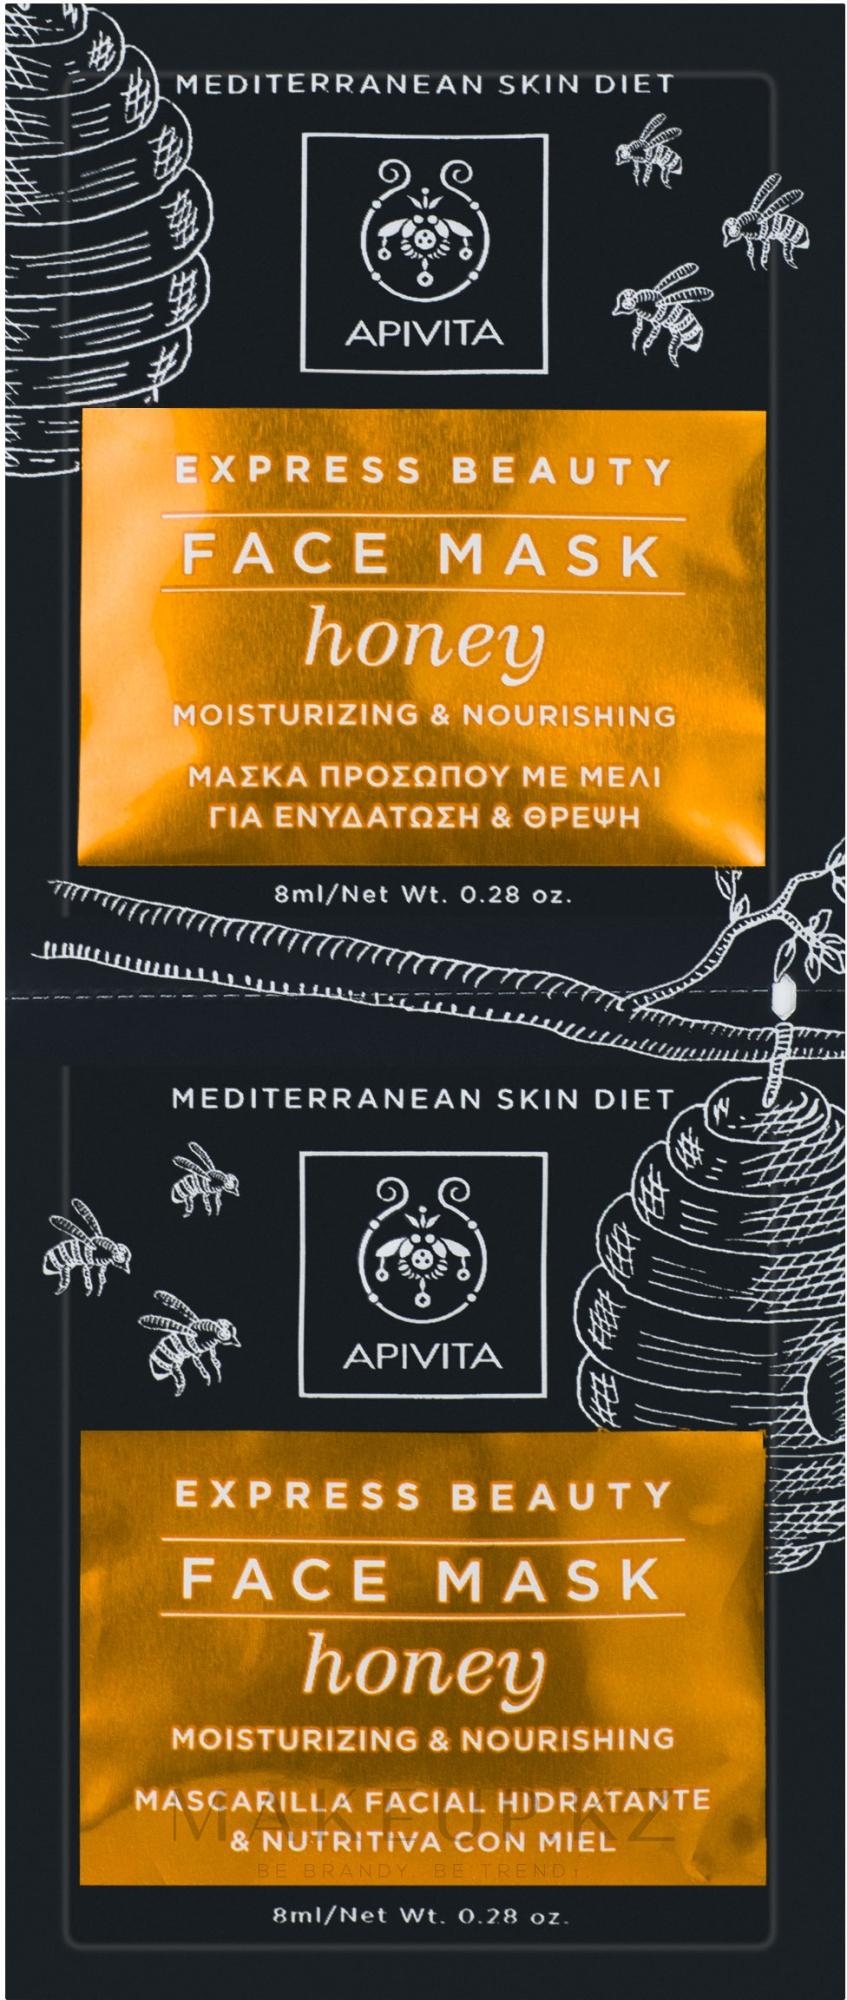 Увлажняющая и питательная маска с медом - Apivita Moisturizing and Nourishing Mask — фото 2x8 ml